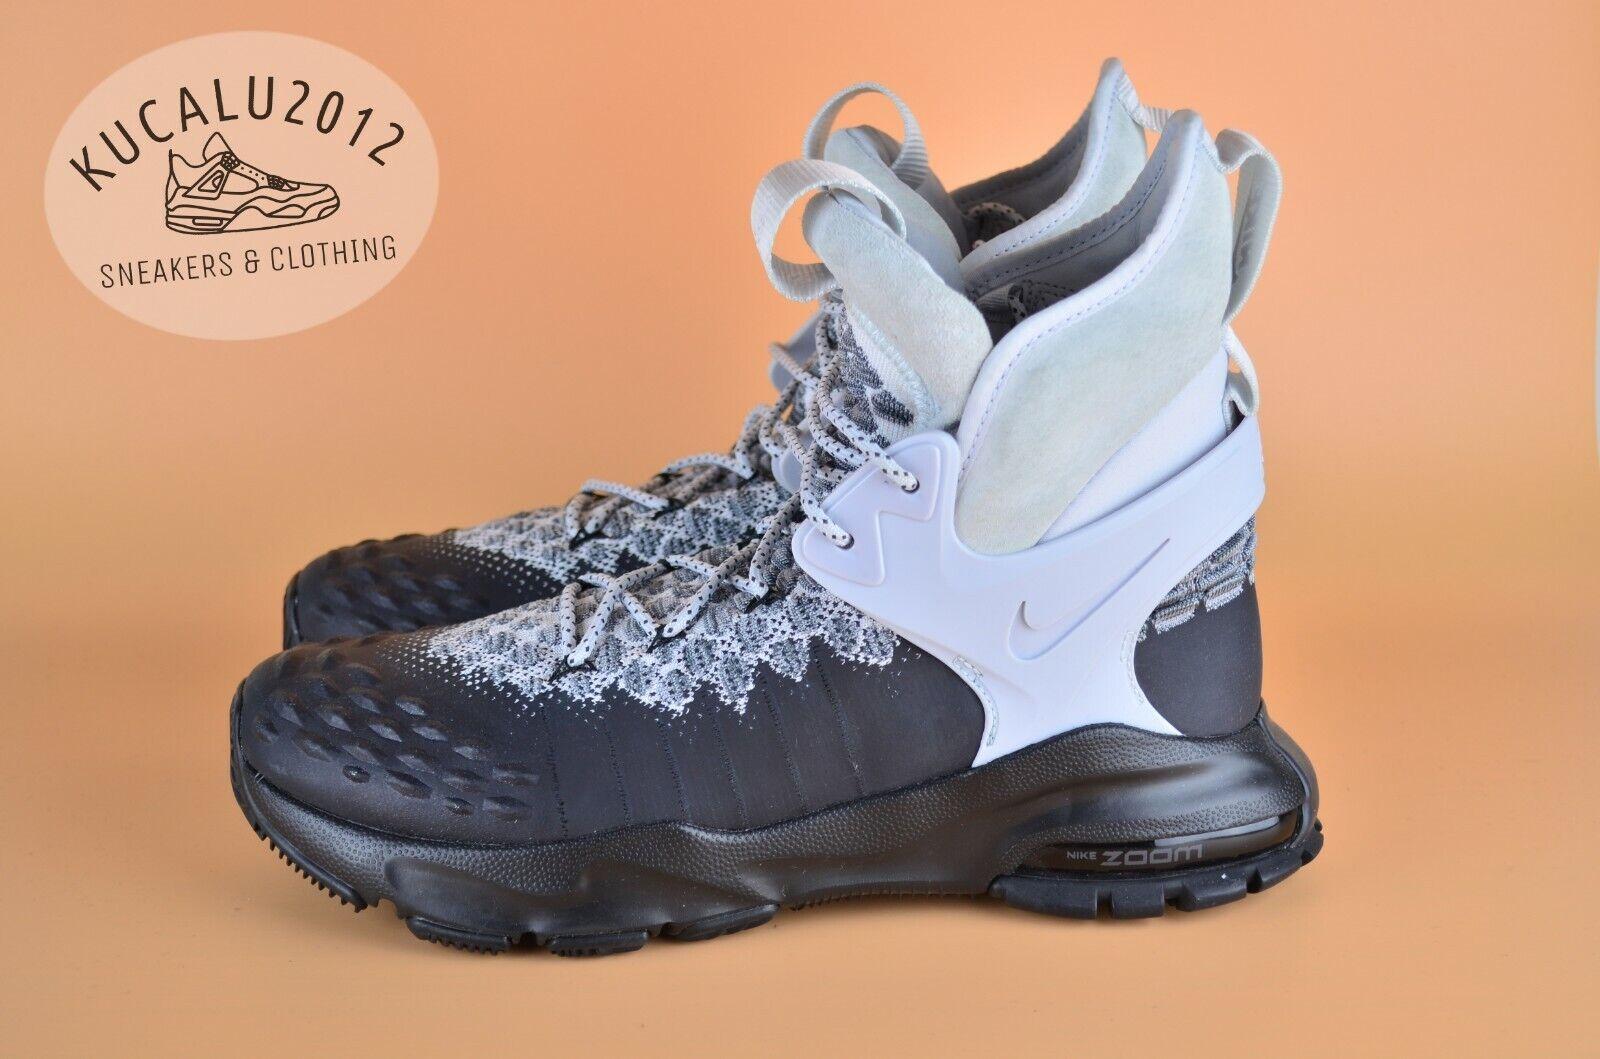 Nike Zoom Taillec Flyknit ACG Bottes Noir Blanc Oreo 865947-003